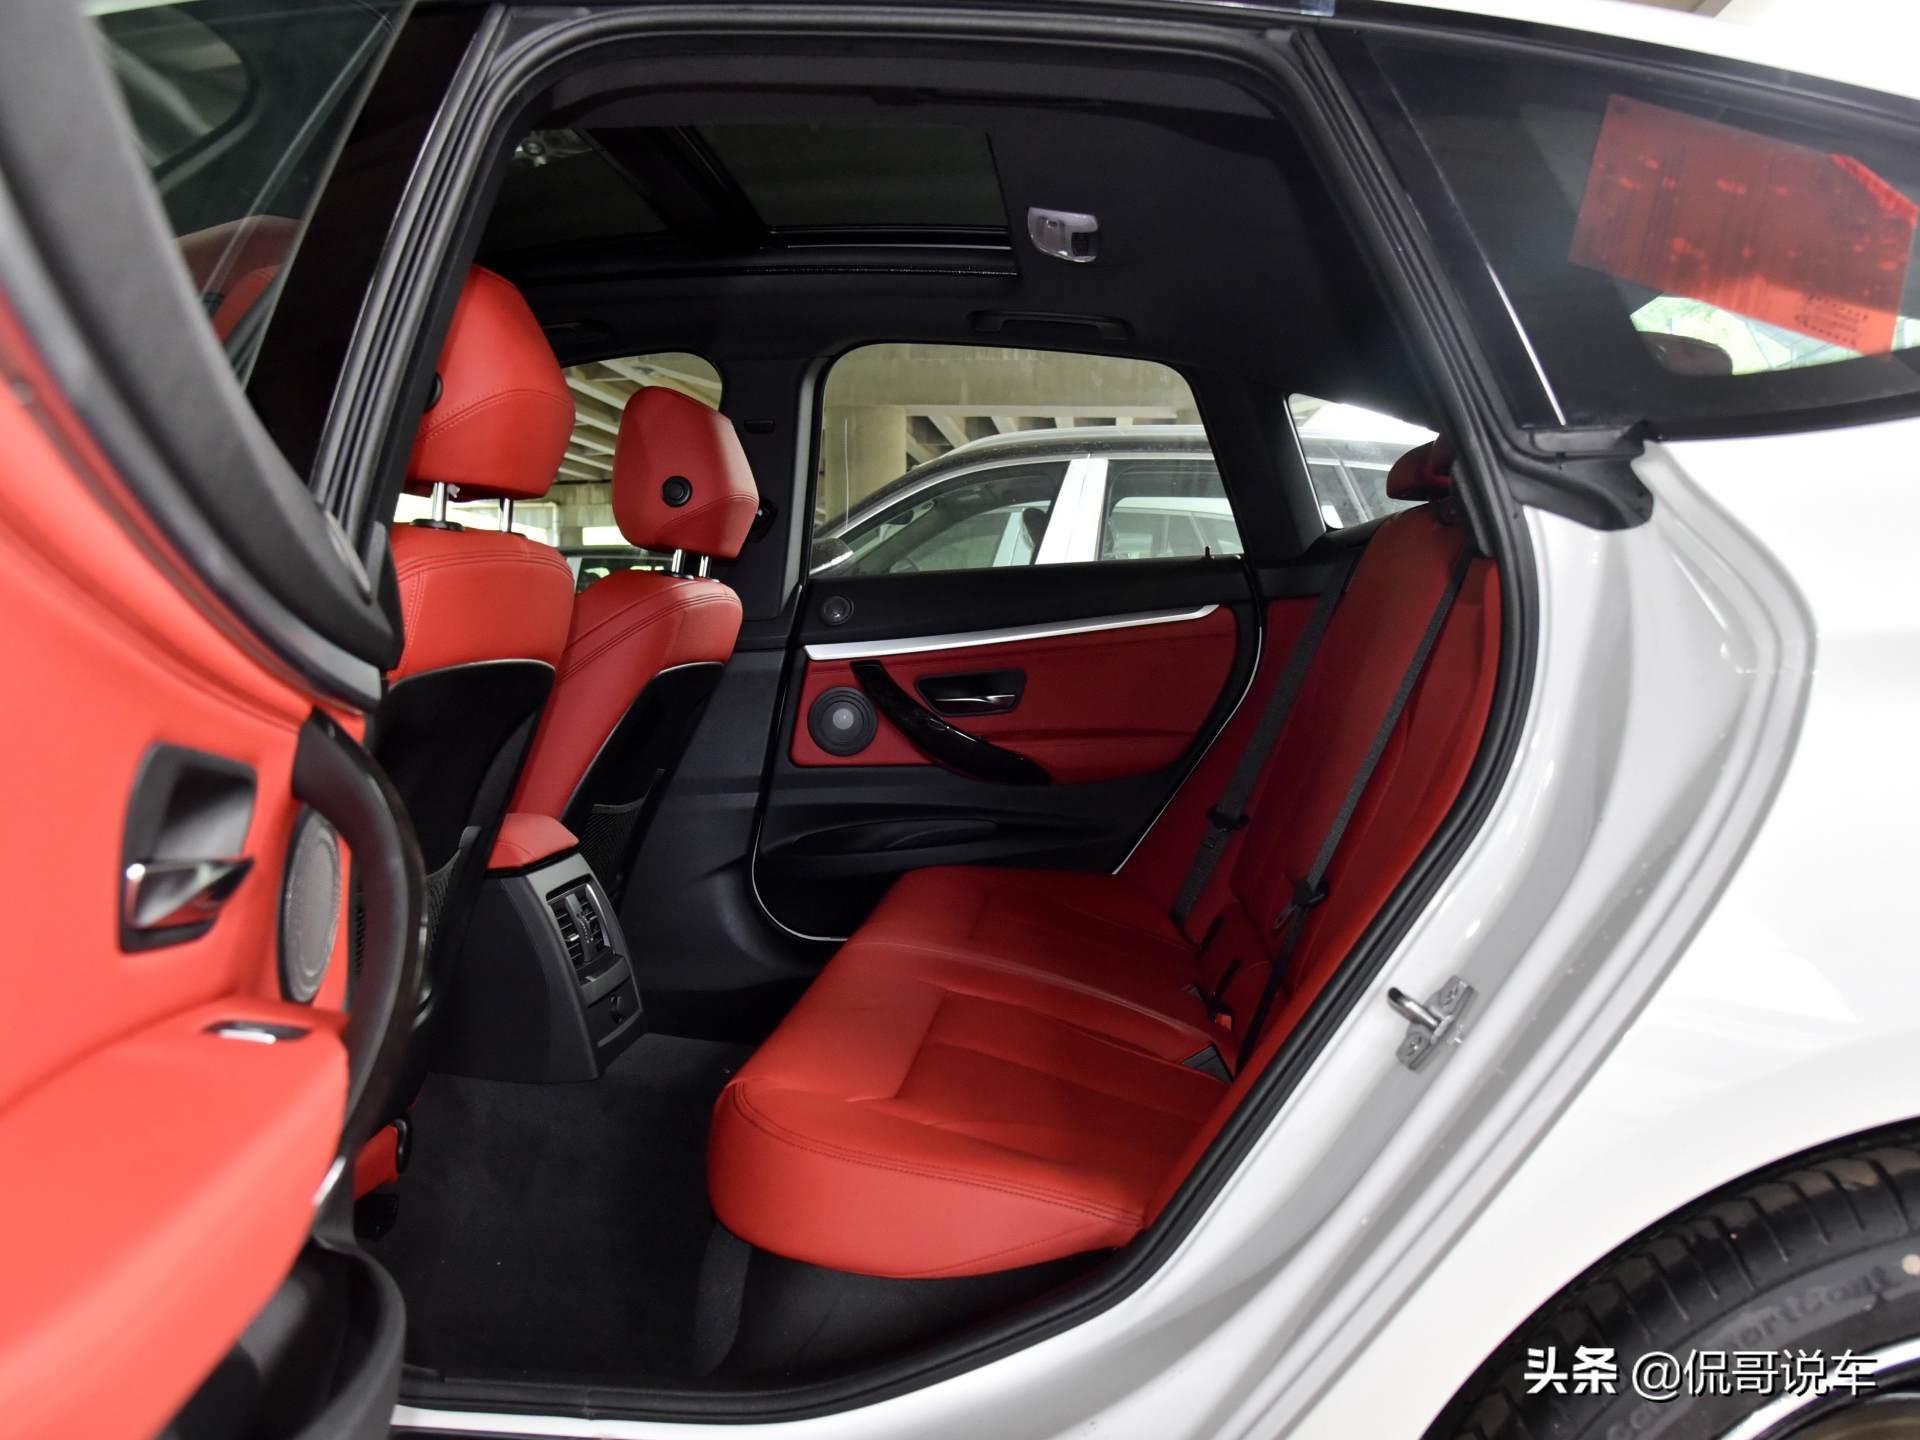 乘坐空间堪比长轴车型,后备厢更好,原装进口,带你看宝马3系GT